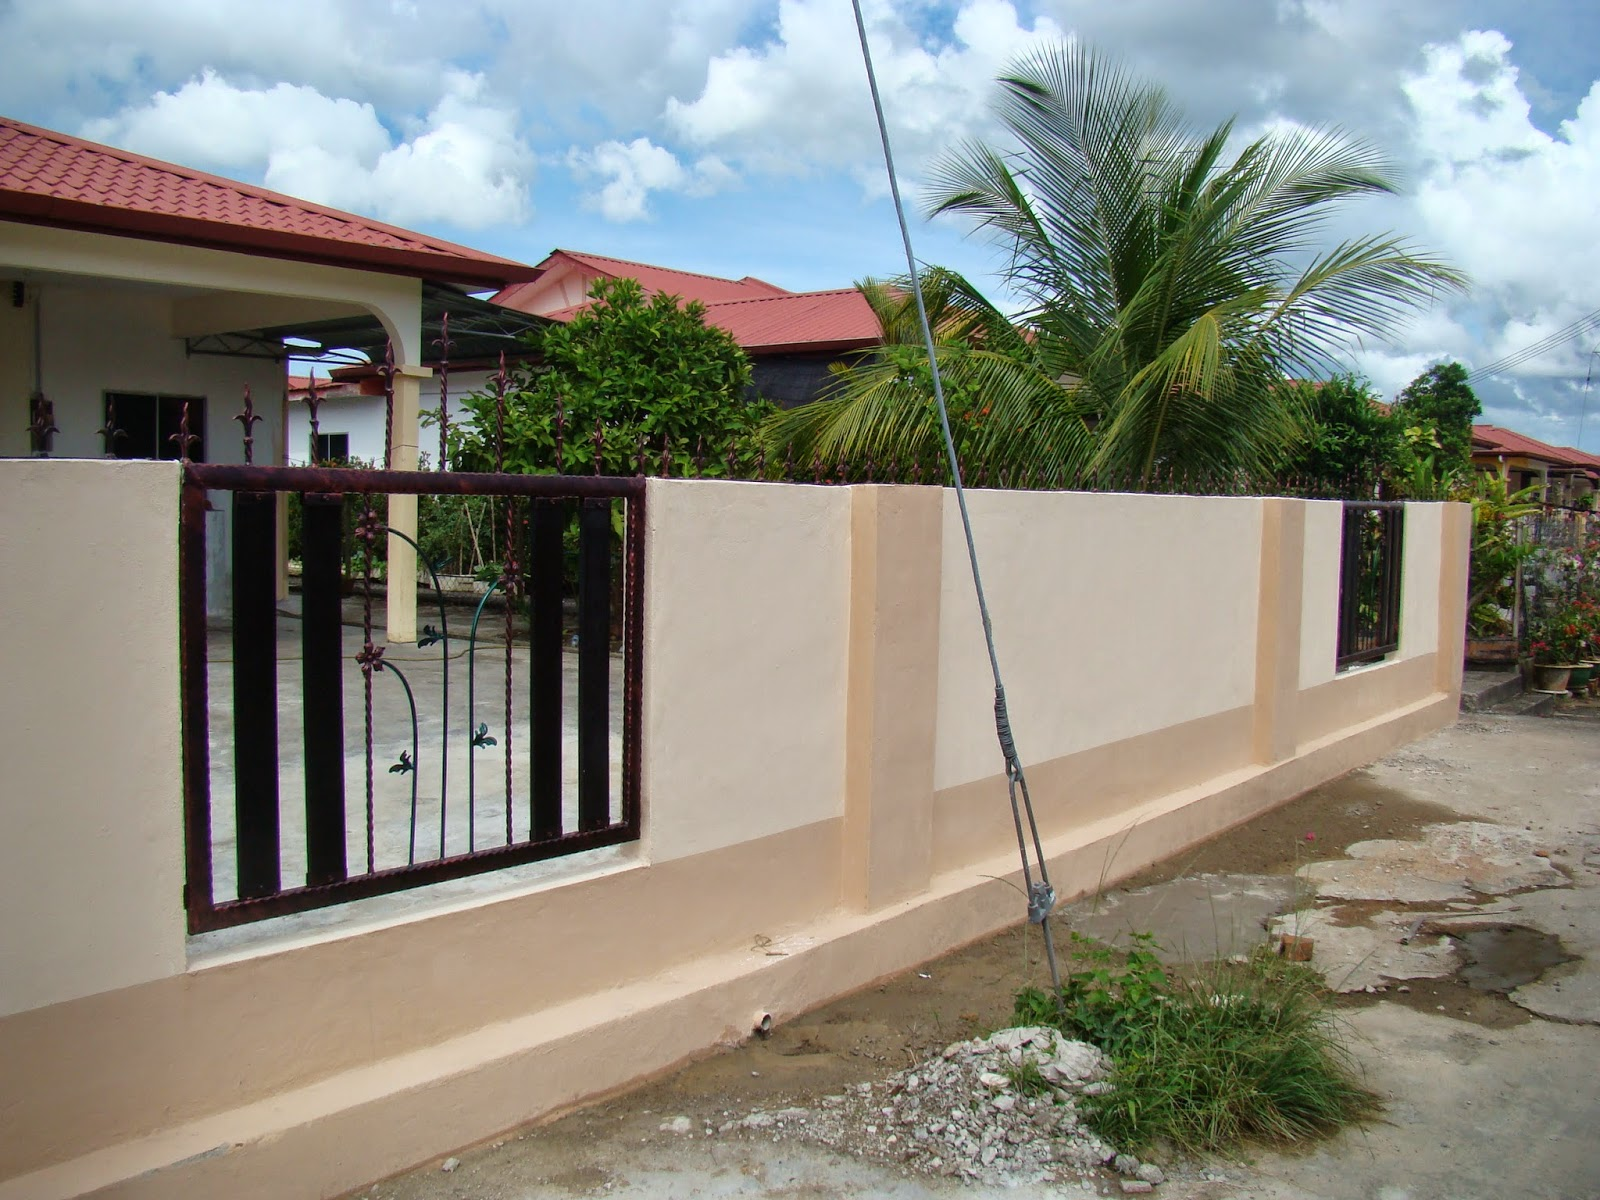 Harga Awning Rumah Sekaki Gambar Pagar Gate Rumah Desain